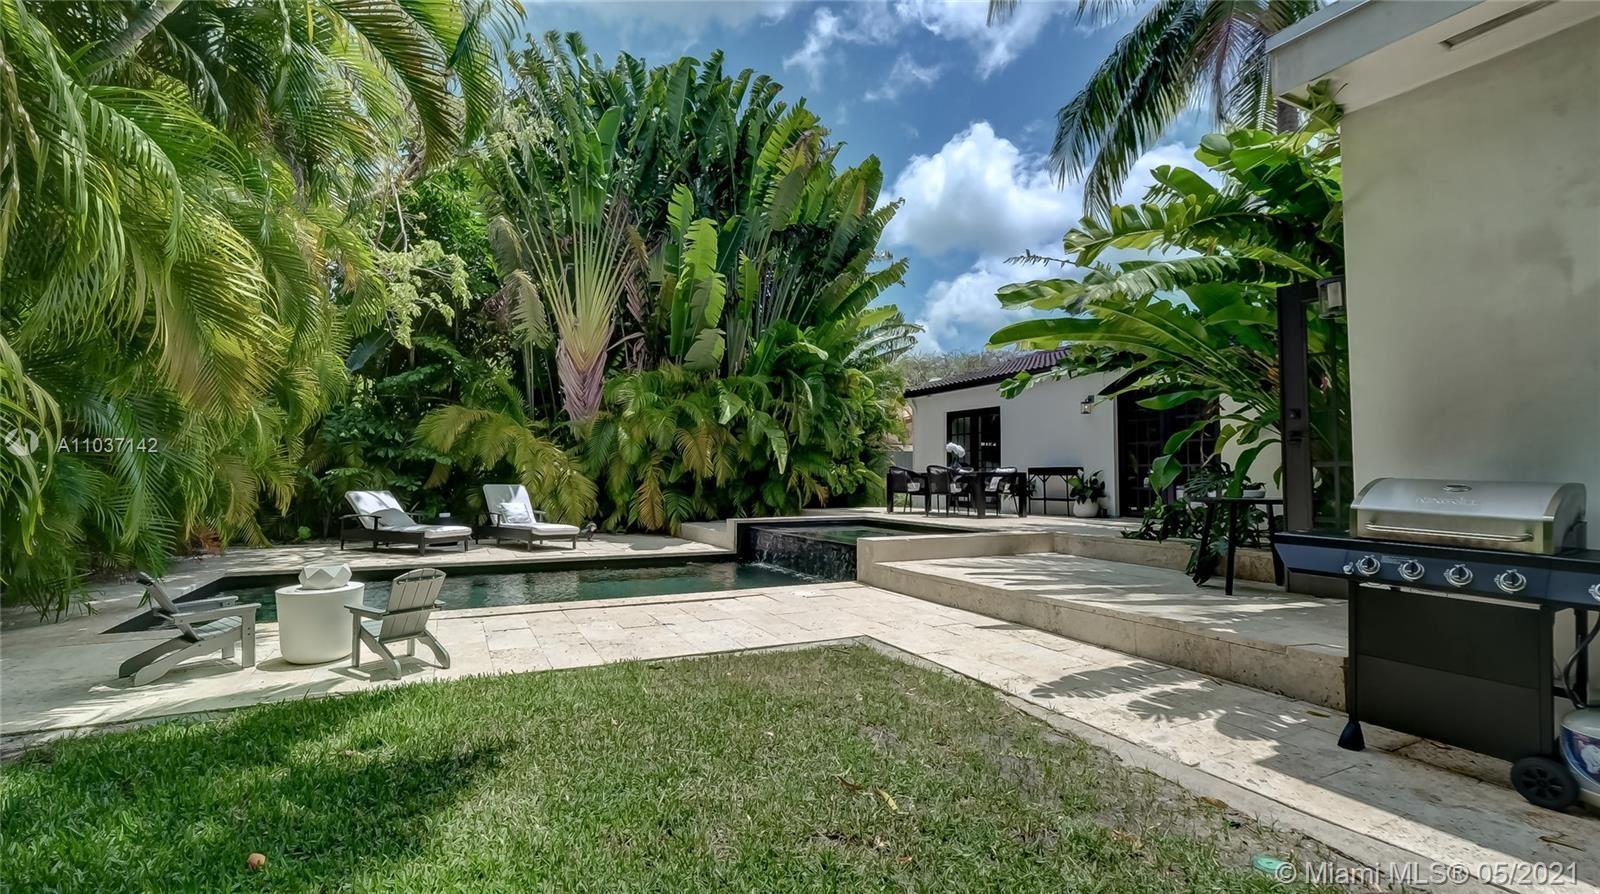 411 NE 52nd Ter, Miami, FL 33137 - #: A11037142